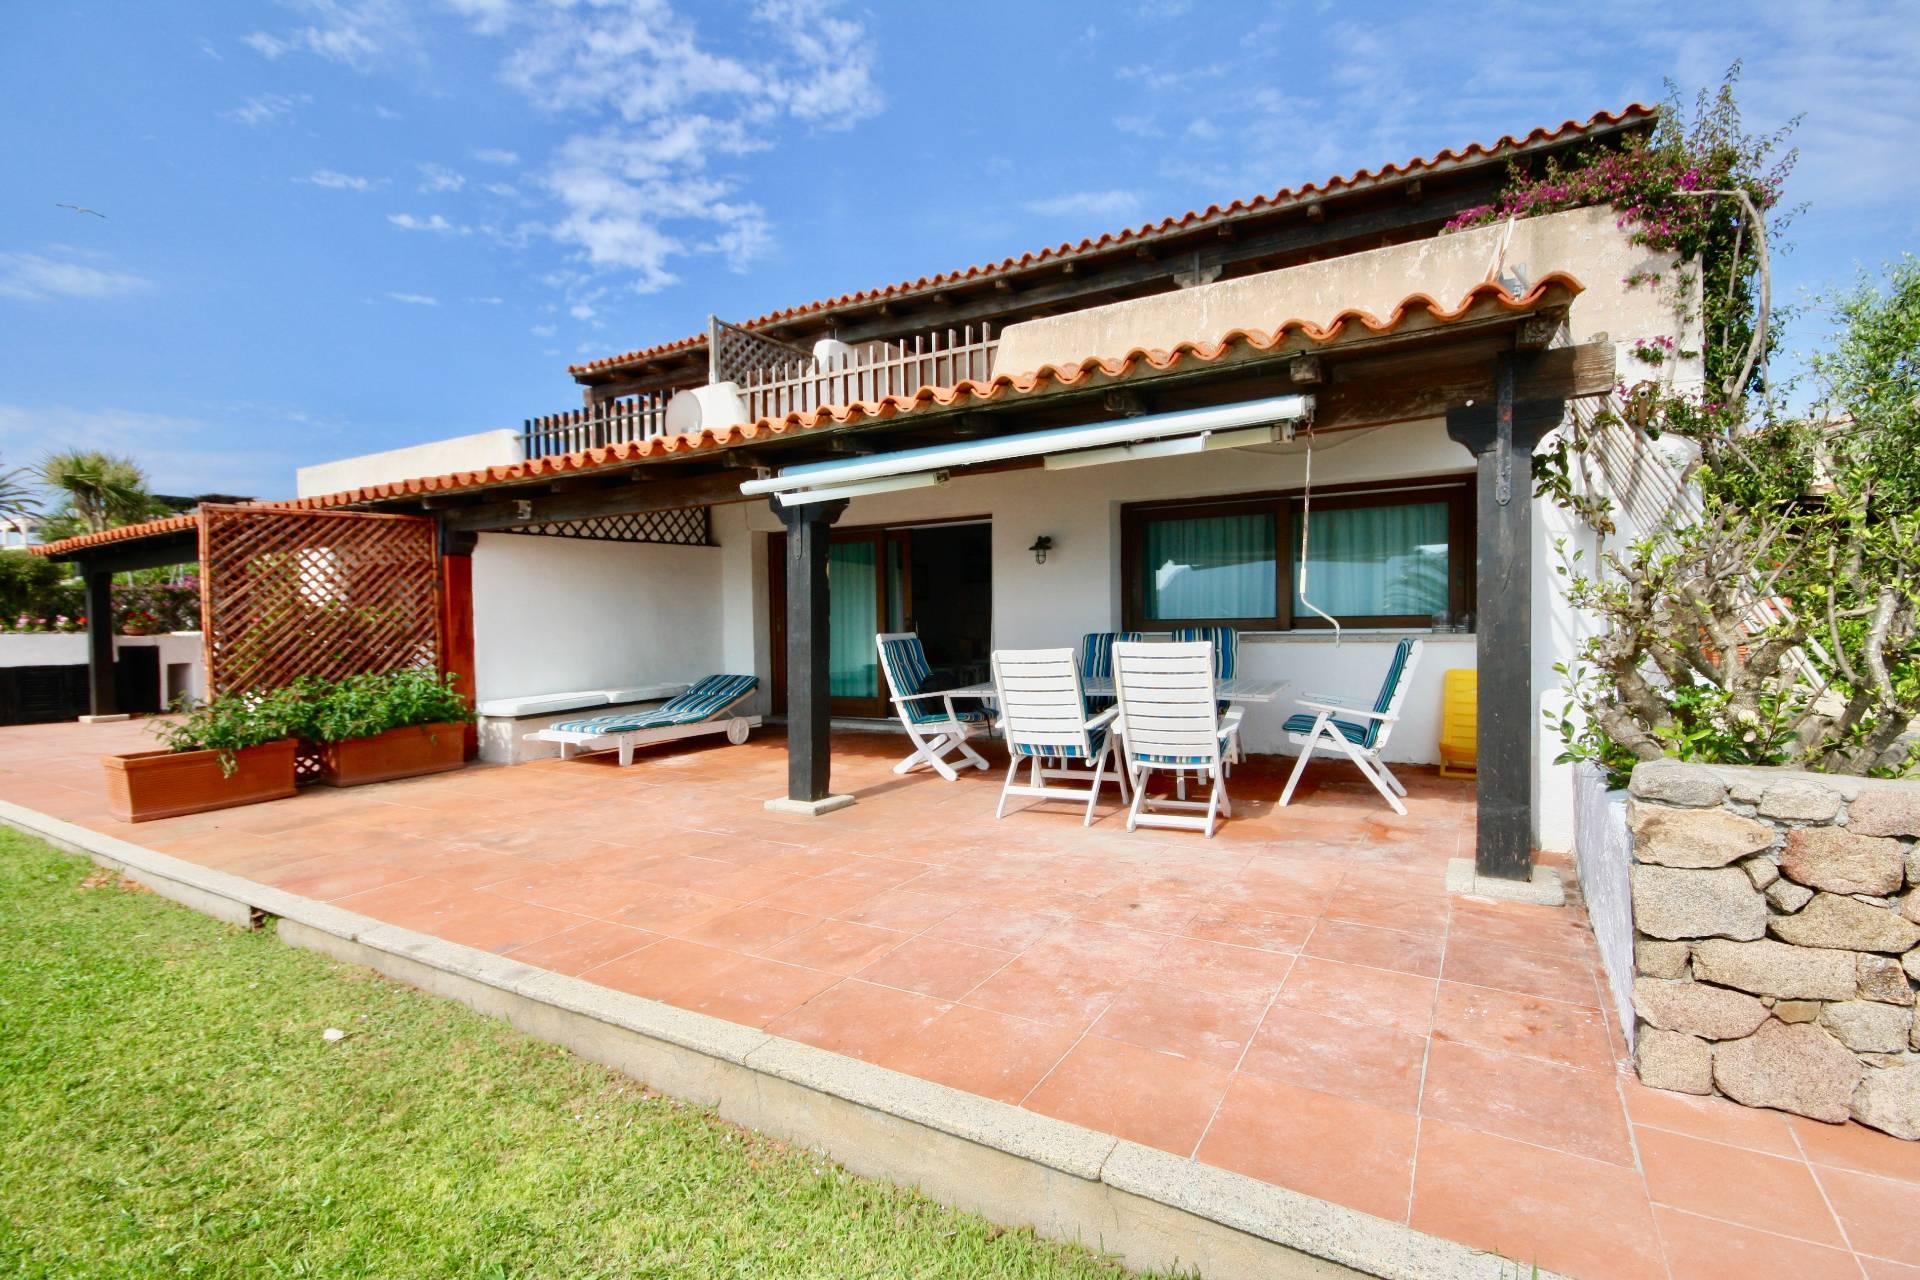 cbi040 ed016ed casa vacanze in affitto a golfo aranci